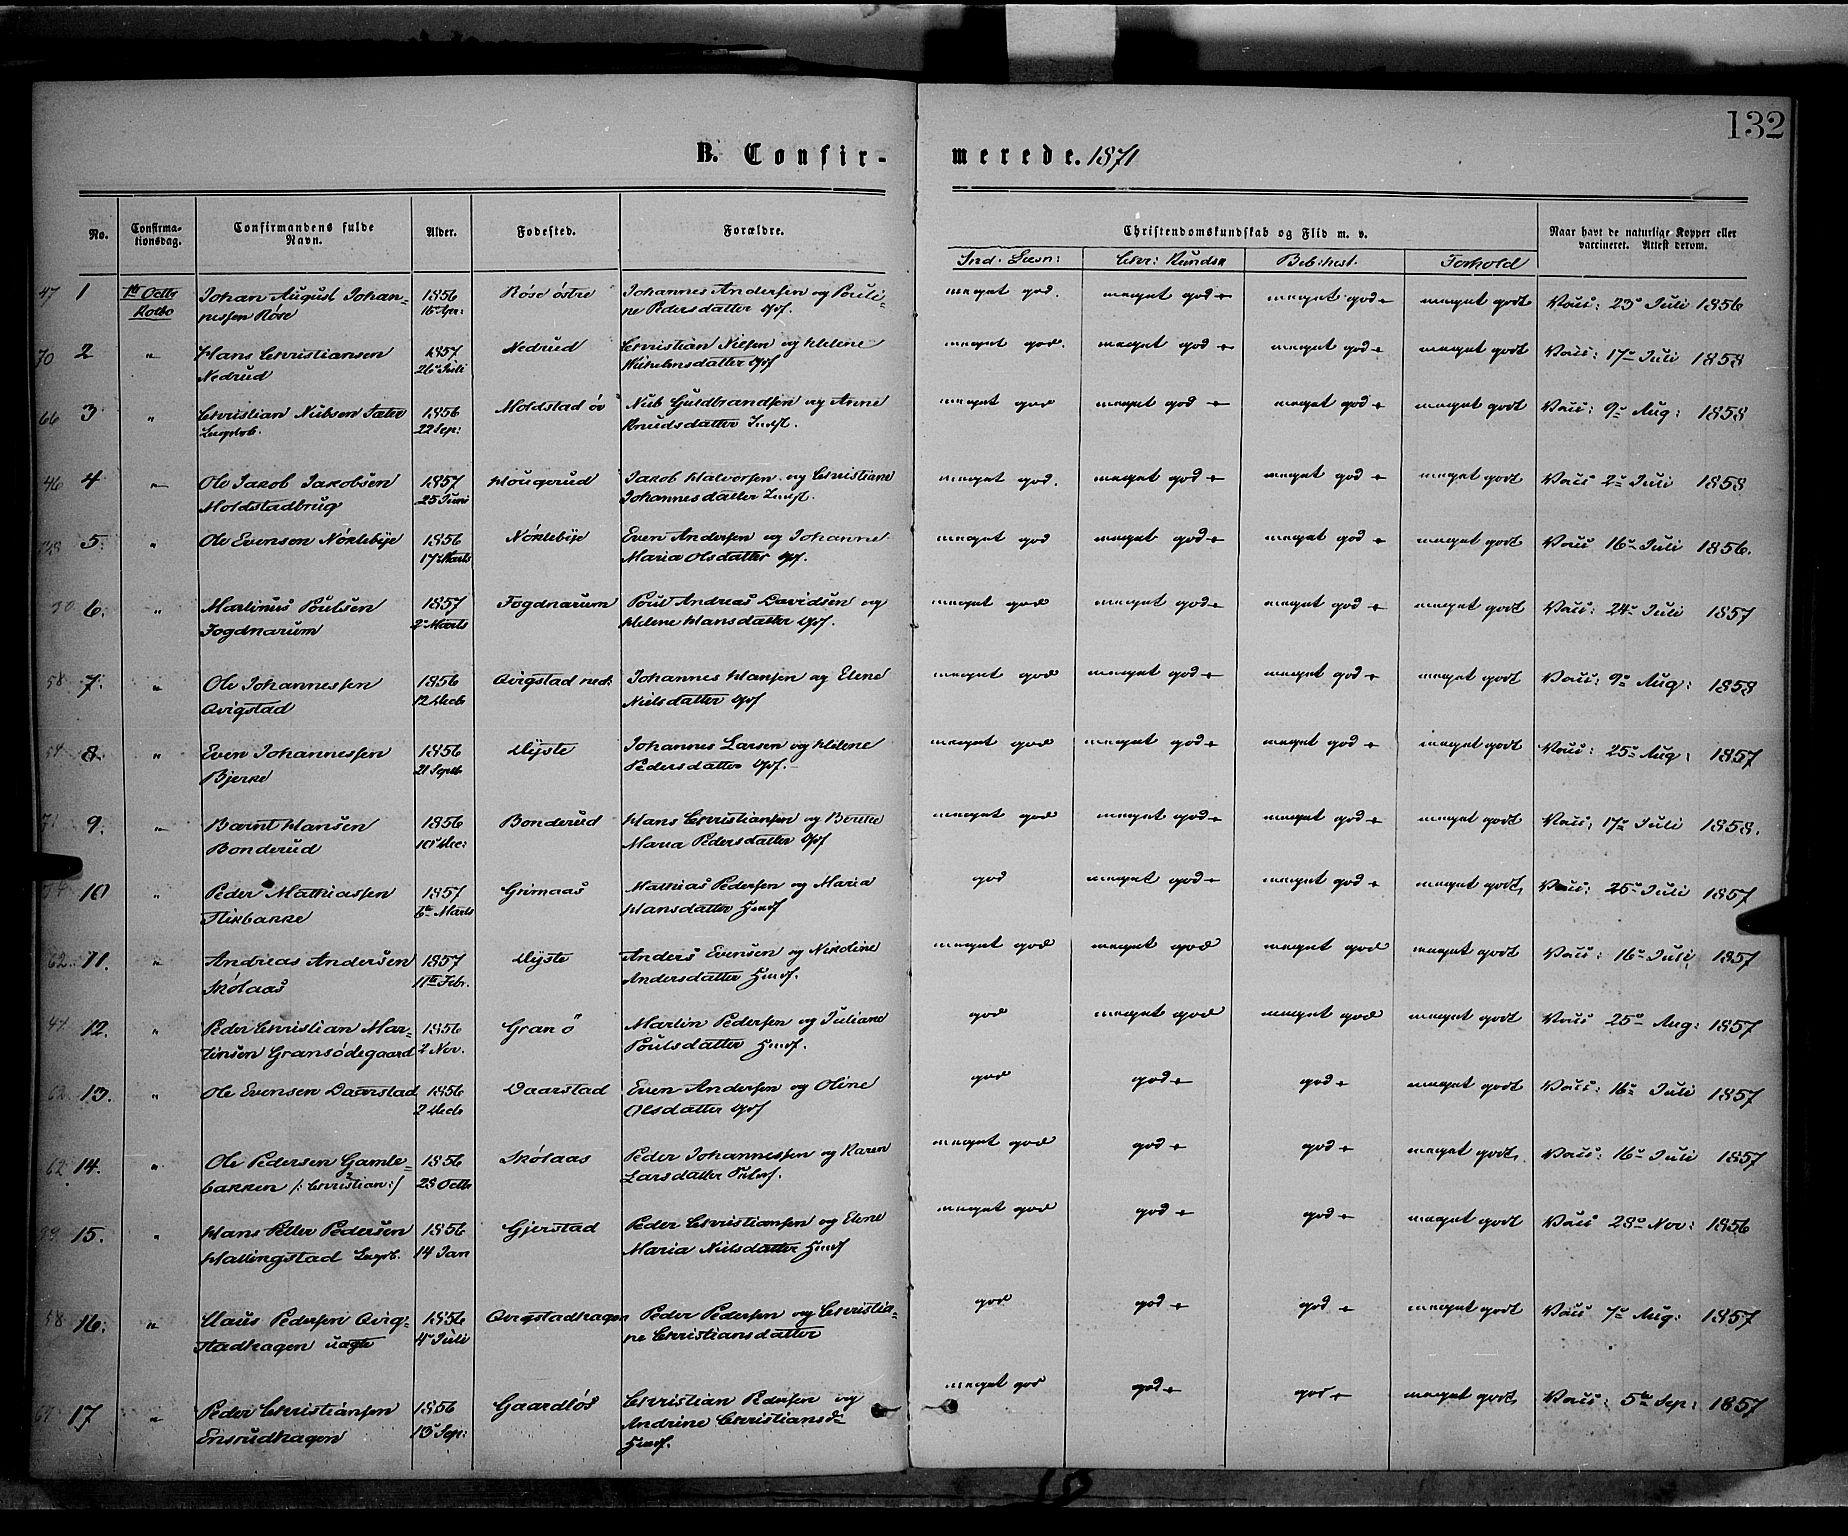 SAH, Vestre Toten prestekontor, Ministerialbok nr. 8, 1870-1877, s. 132